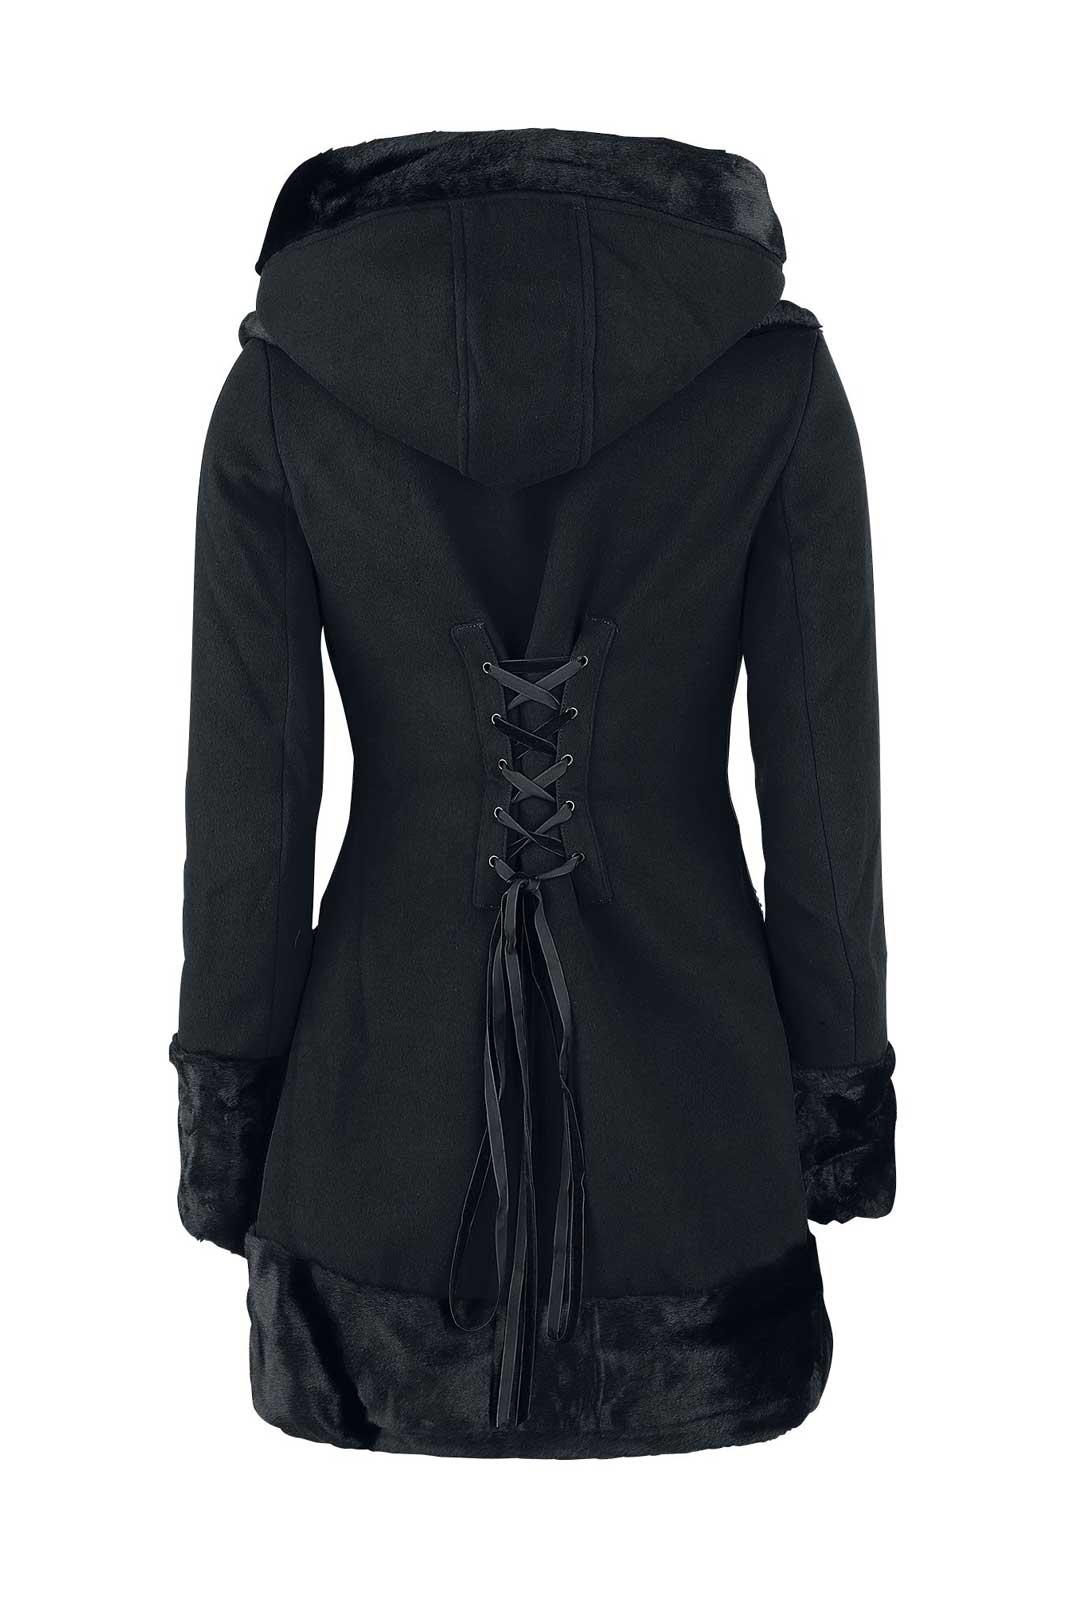 Sarah Jane Coat Black Back